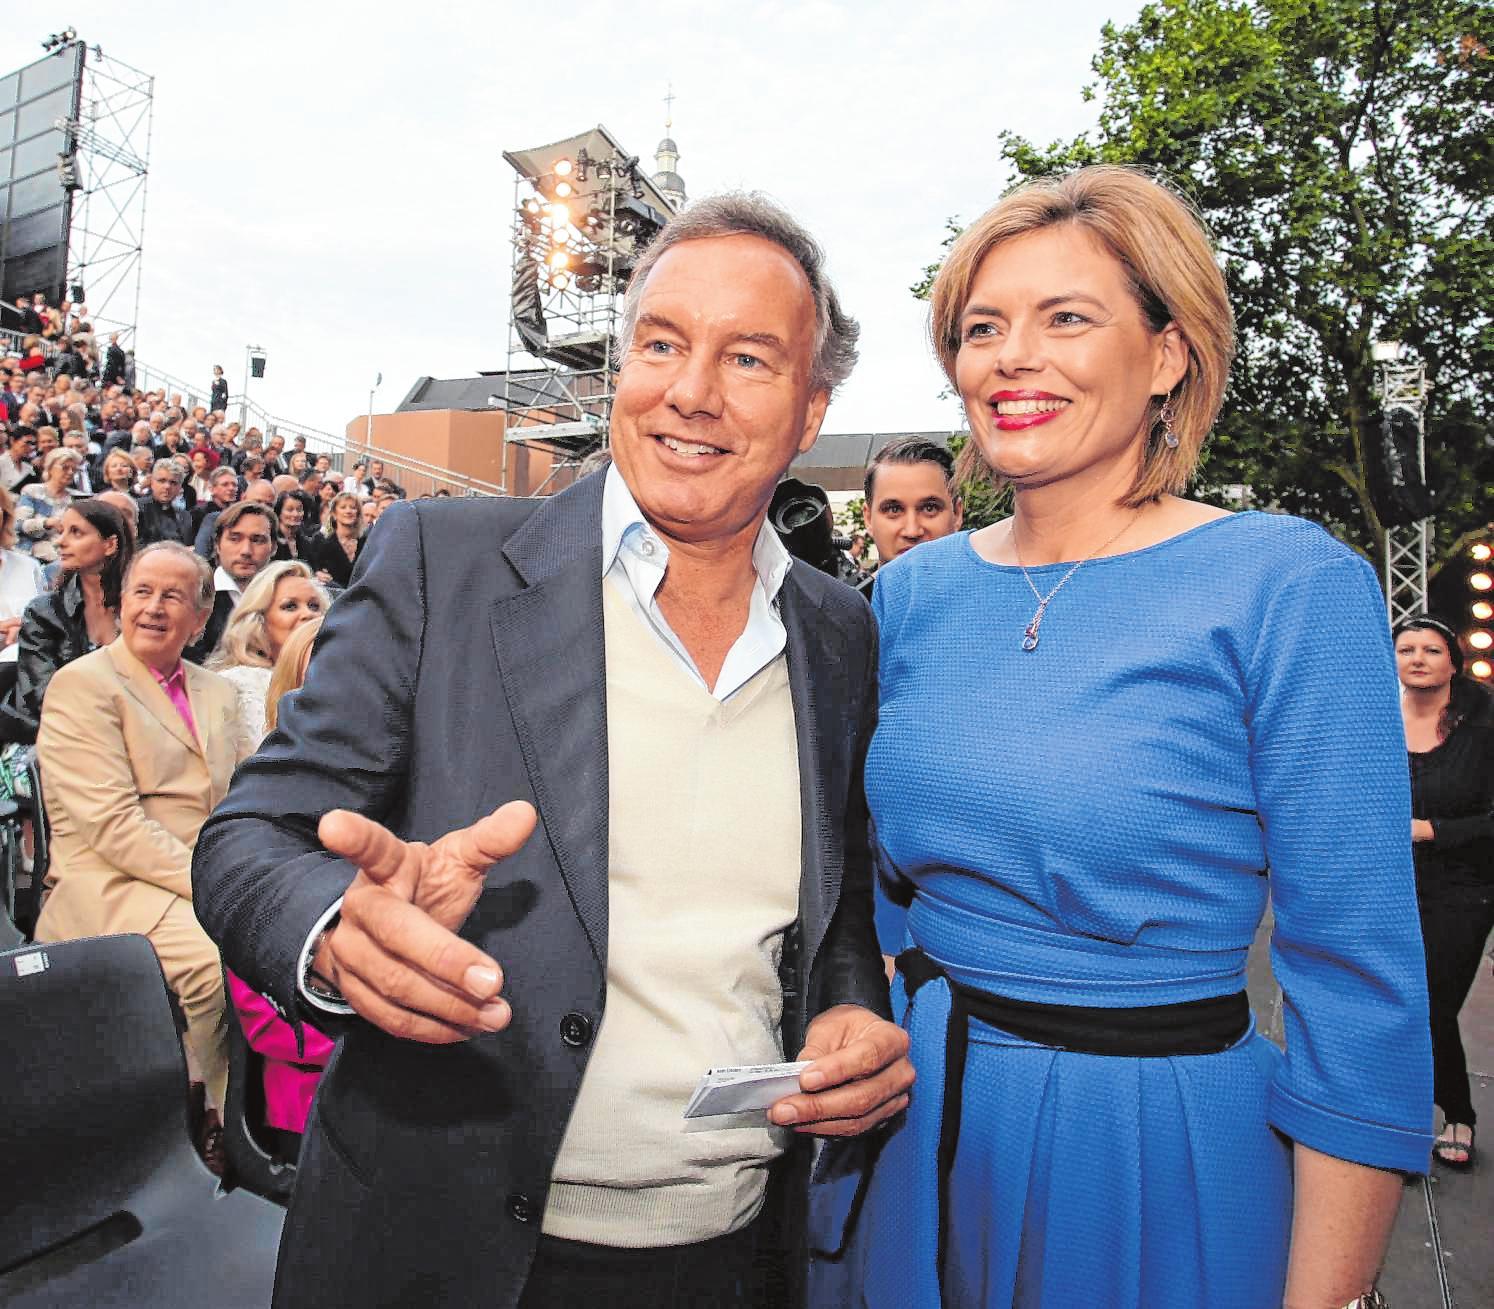 Hofmann durfte bei den Nibelungenfestspielen zuweilen sehr prominenten Besuch, wie hier Ministerin Julia Glöckner, begrüßen. BILD: BERNWARD BERTRAM